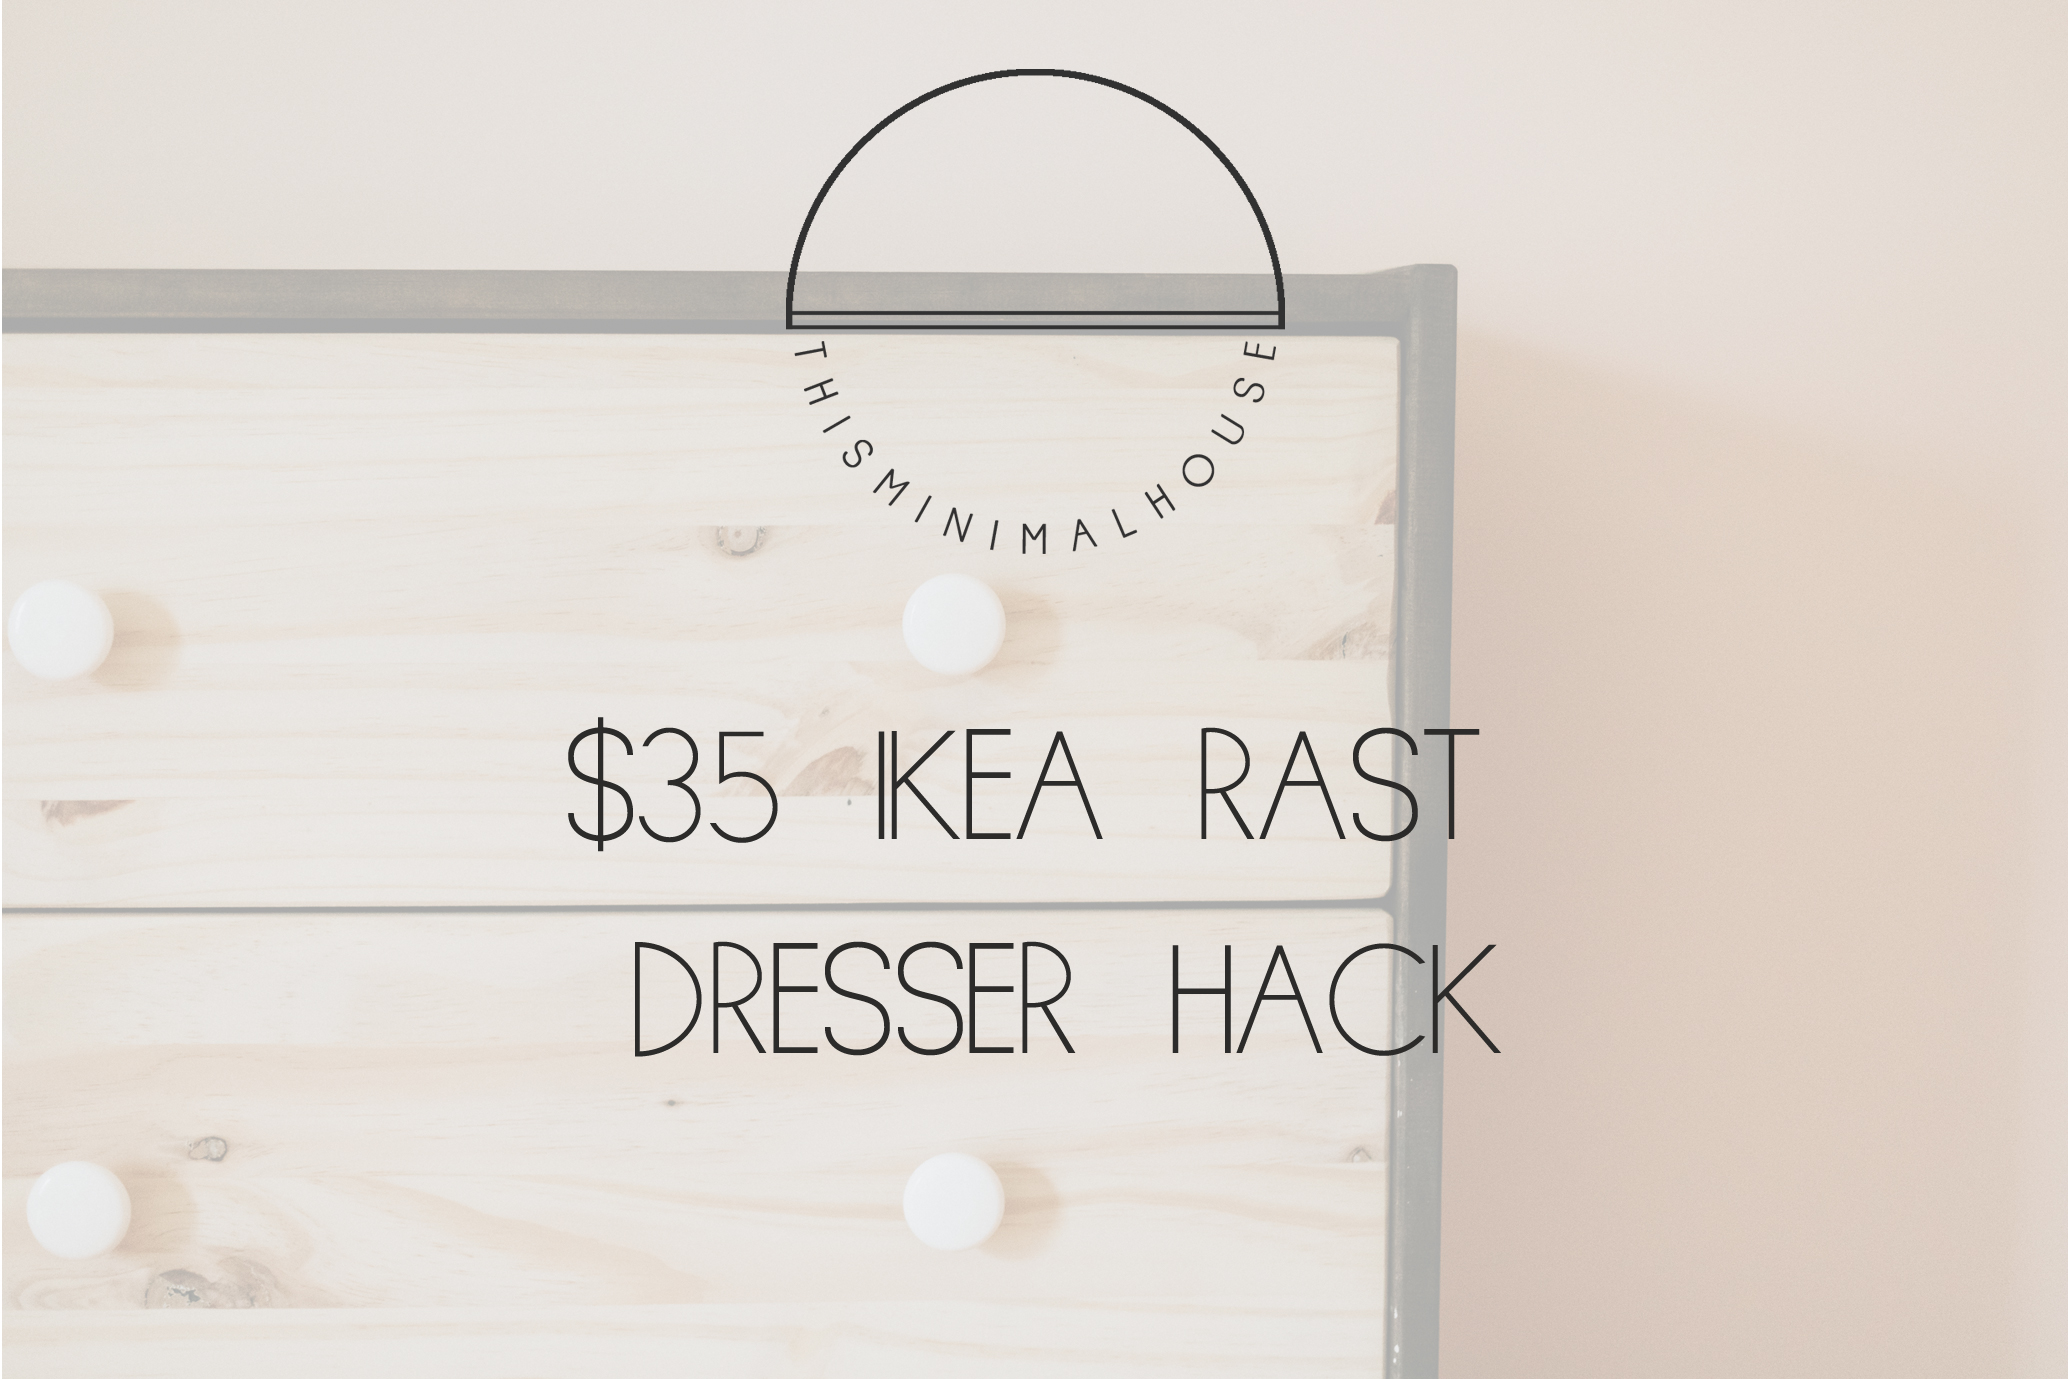 THIS MINIMAL HOUSE $35 IKEA RAST DRESSER HACK